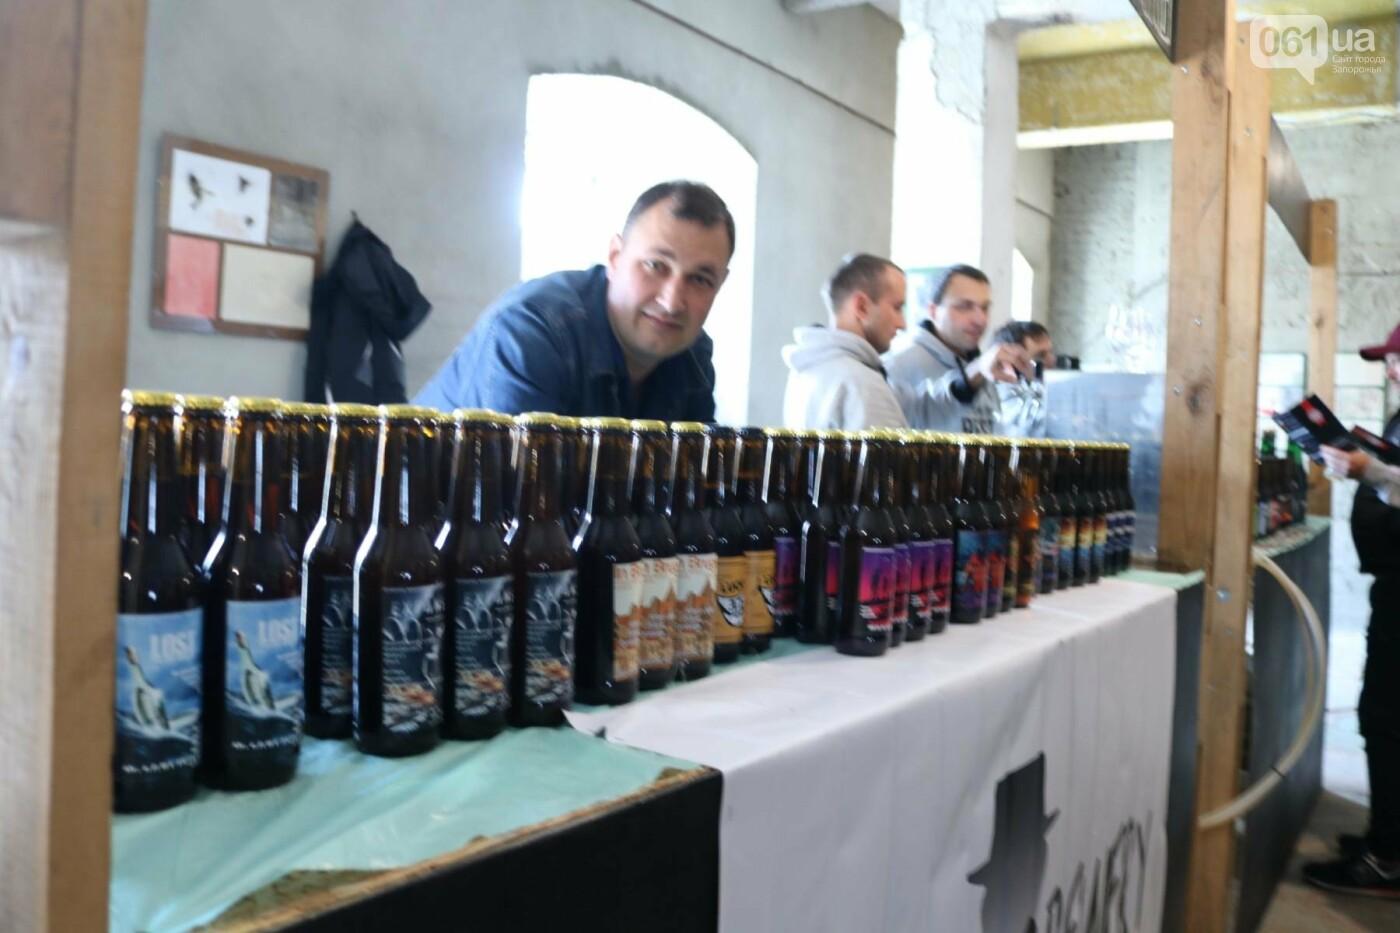 Как в Запорожье проходит фестиваль крафтового пива, - ФОТОРЕПОРТАЖ , фото-13